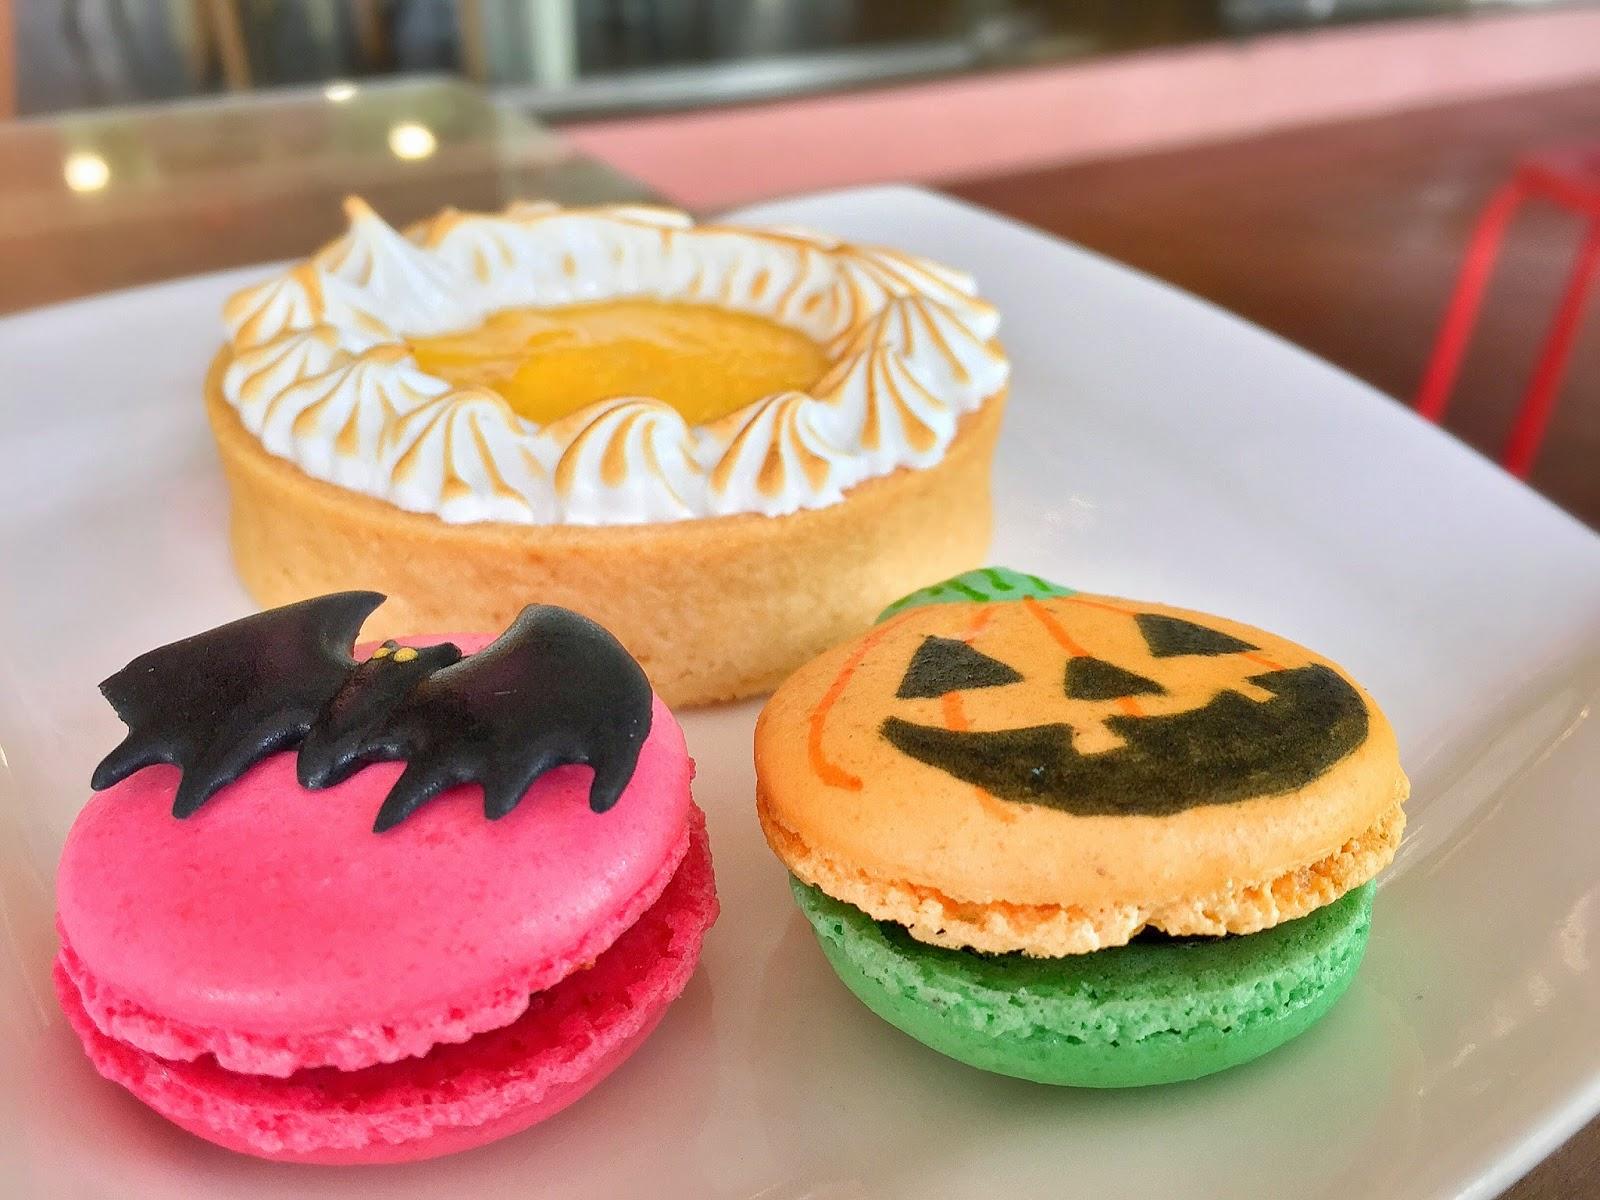 Hatter Street - Macarons and Kumquat Tart